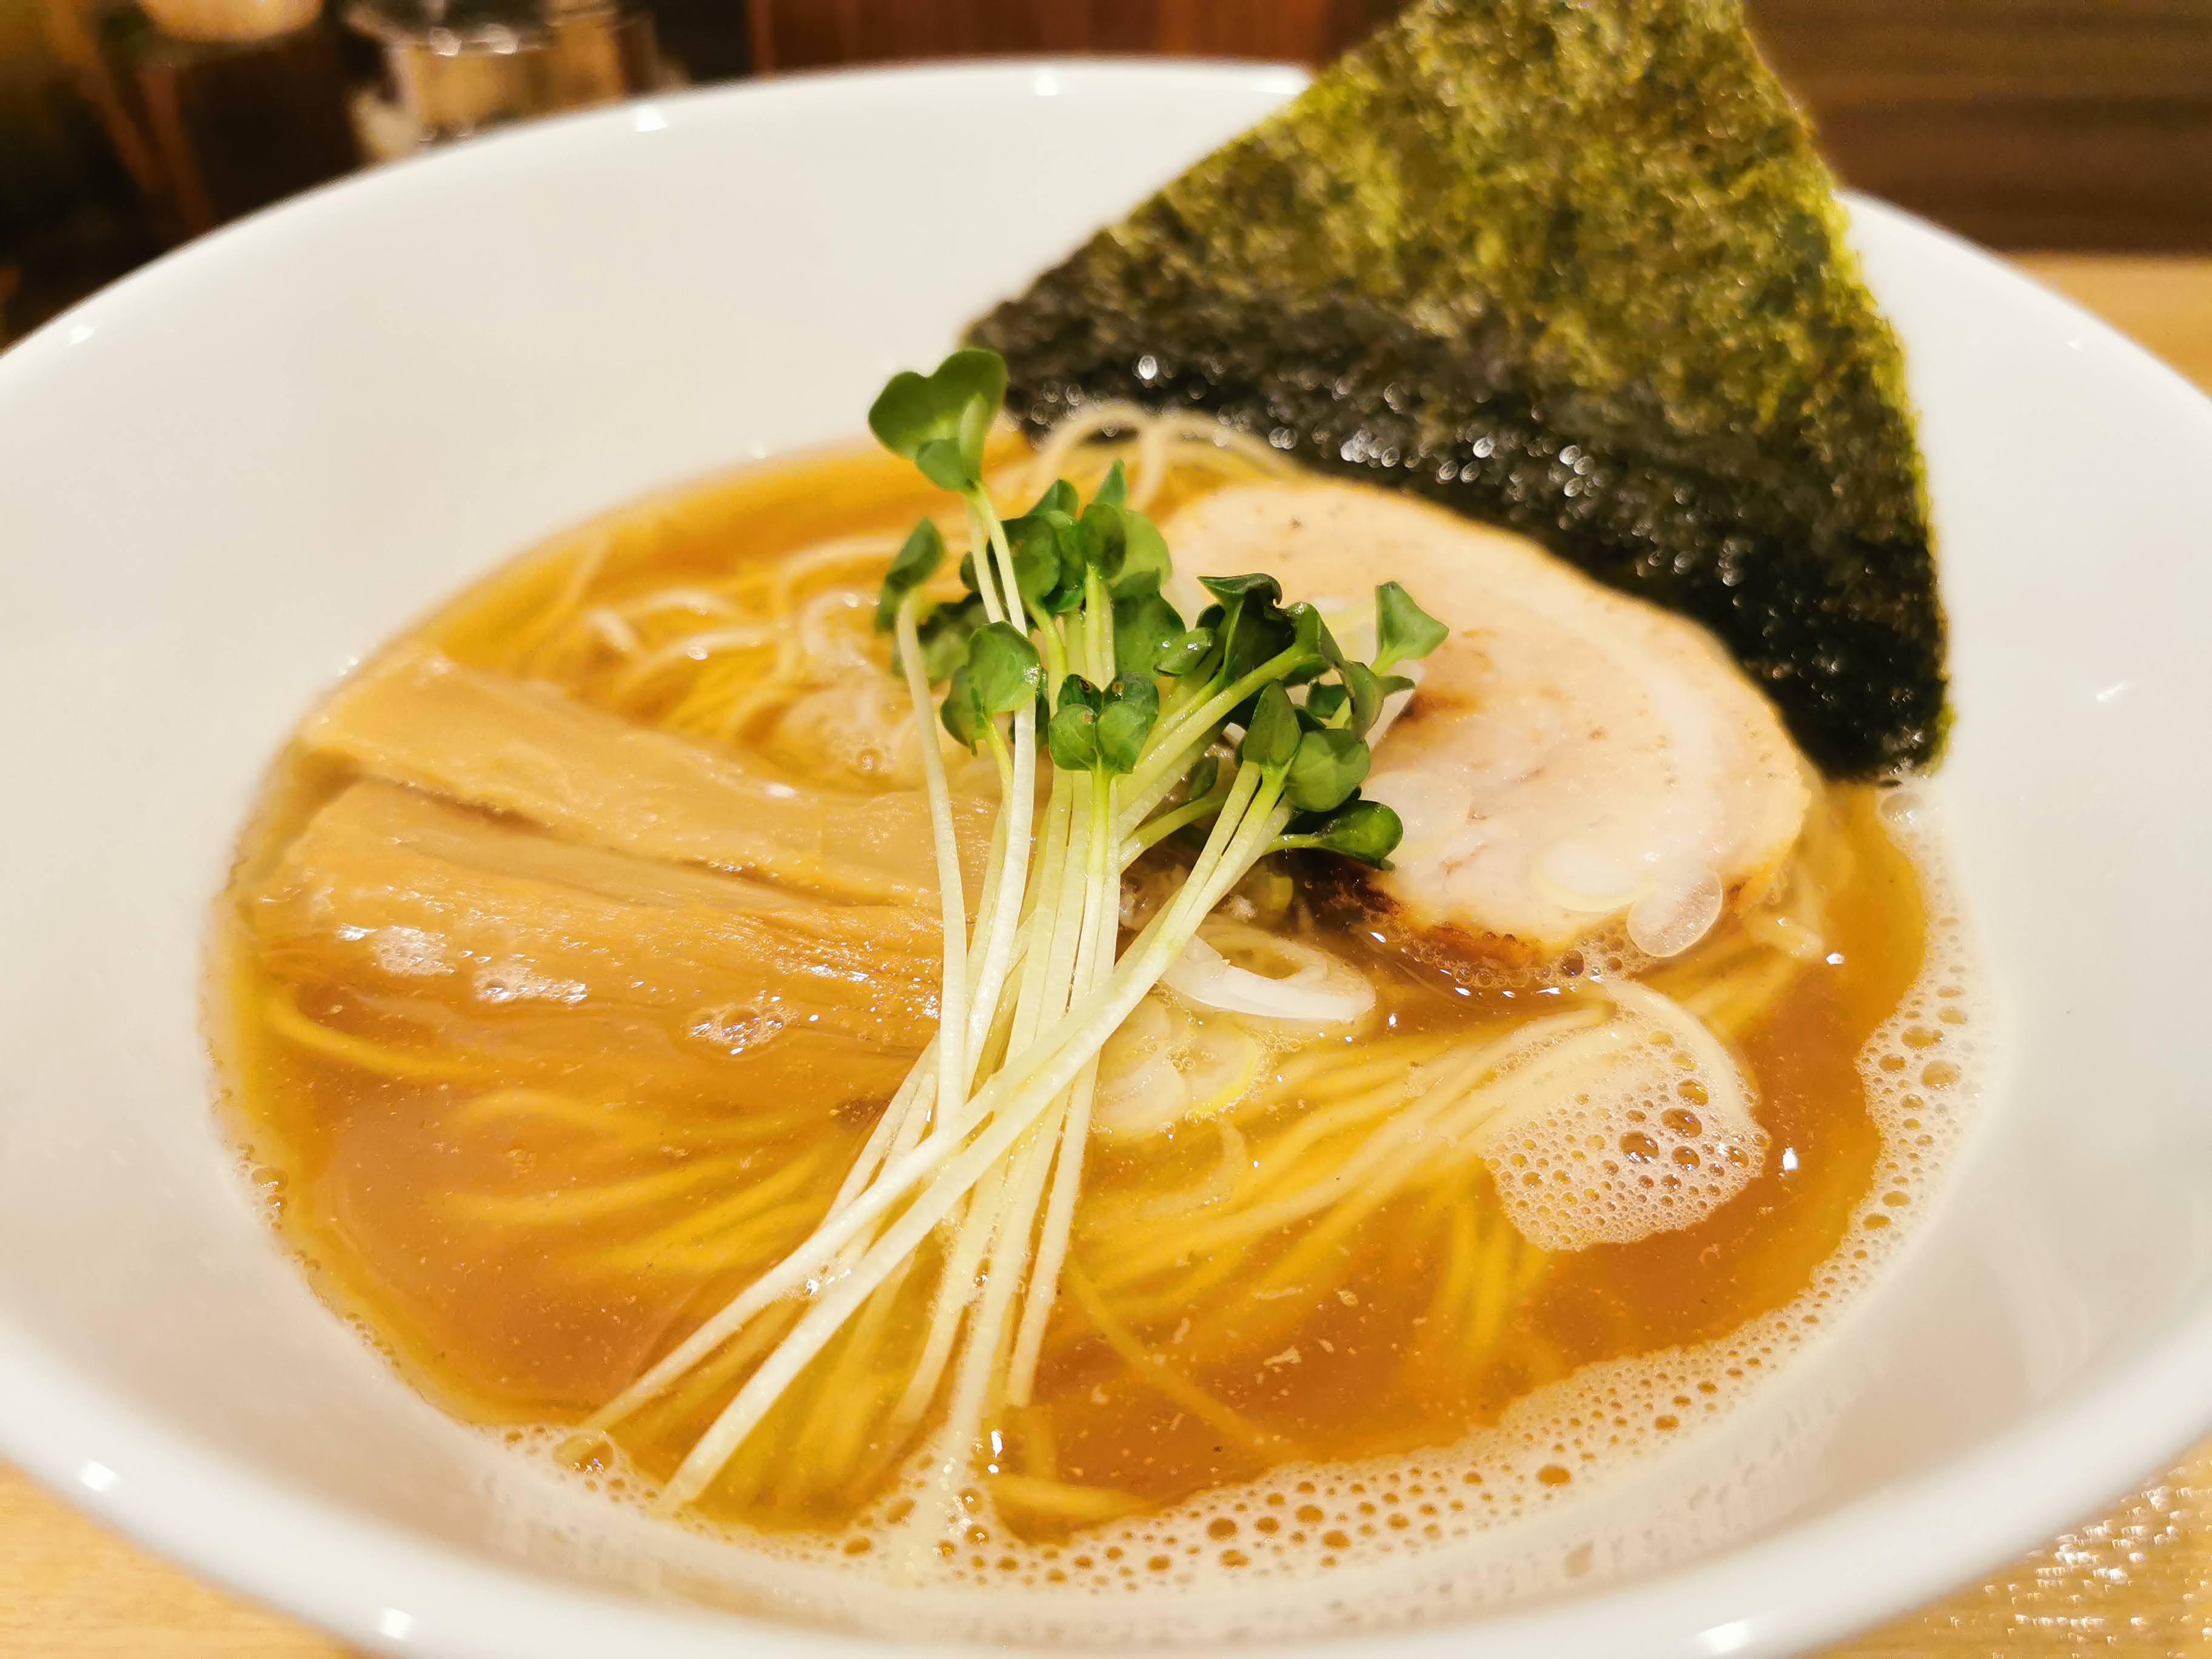 【初台】麺屋 琥珀@煮干し強めのスープにストレート麺。はまれば病みつきになるかも。